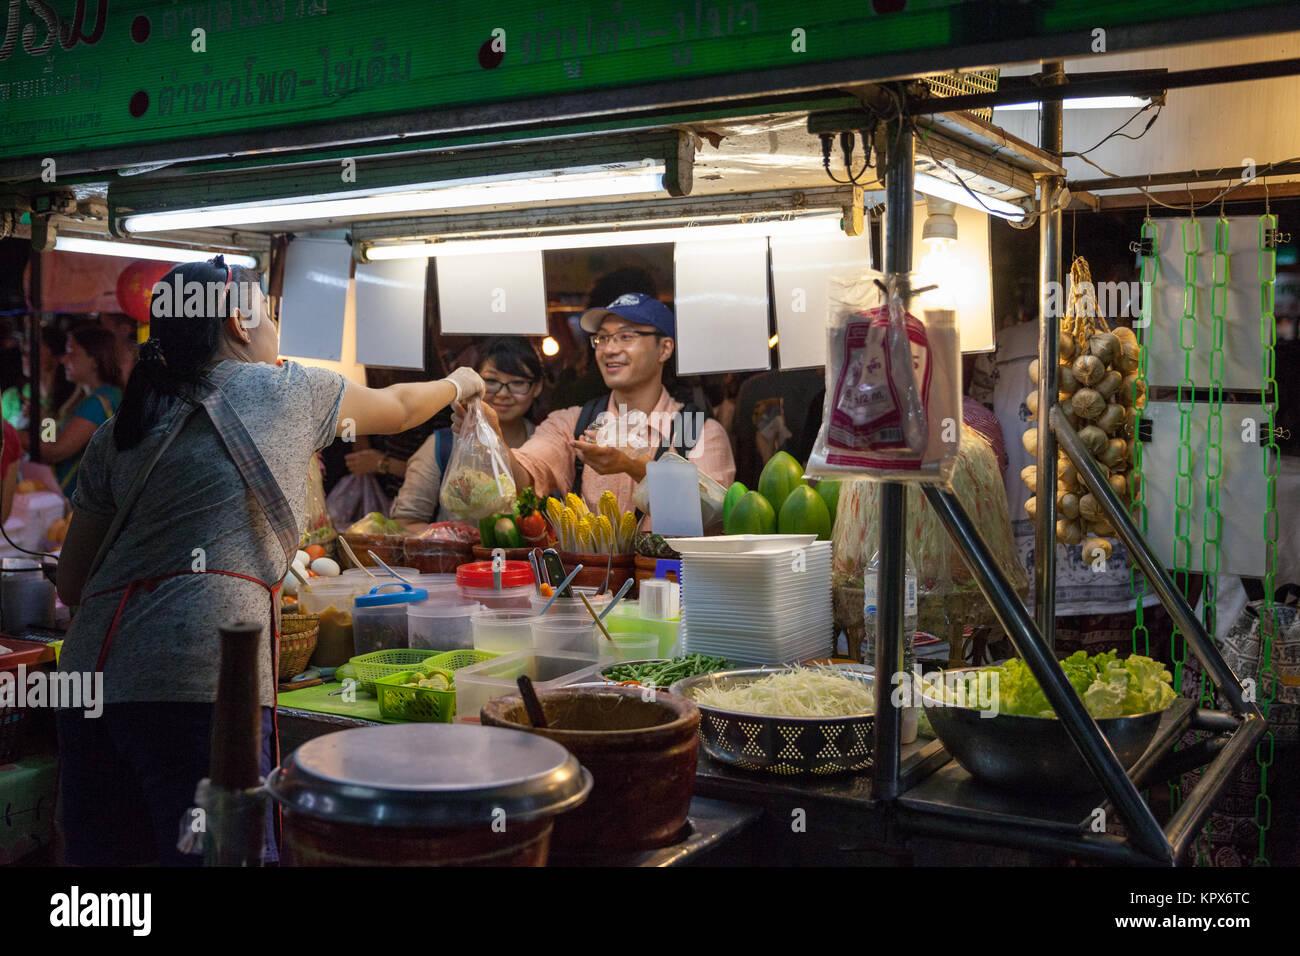 CHIANG MAI, Tailandia - 27 de agosto: mujer vende comida Tailandesa tradicional en el Mercado de Sábado por Imagen De Stock